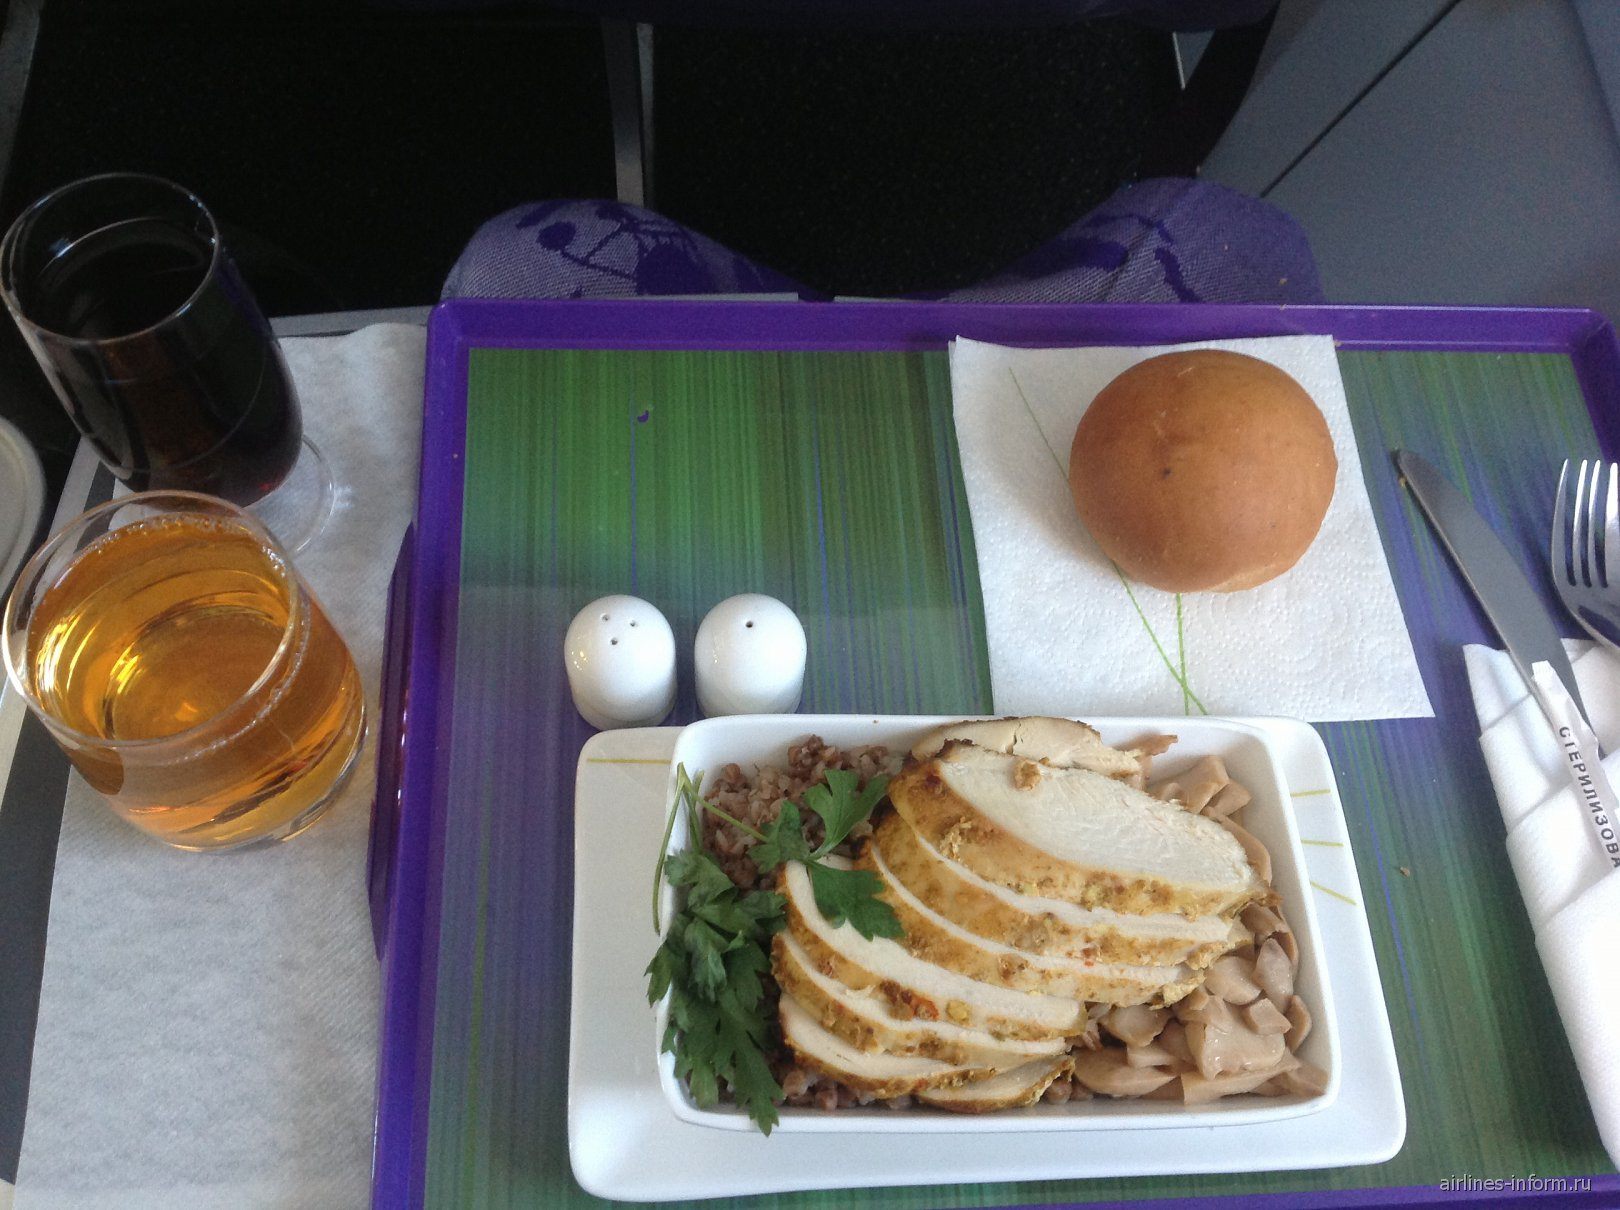 Горячее питание в бизнес-классе S7 Airlines на рейсе Петропавловск-Камчатский-Хабаровск